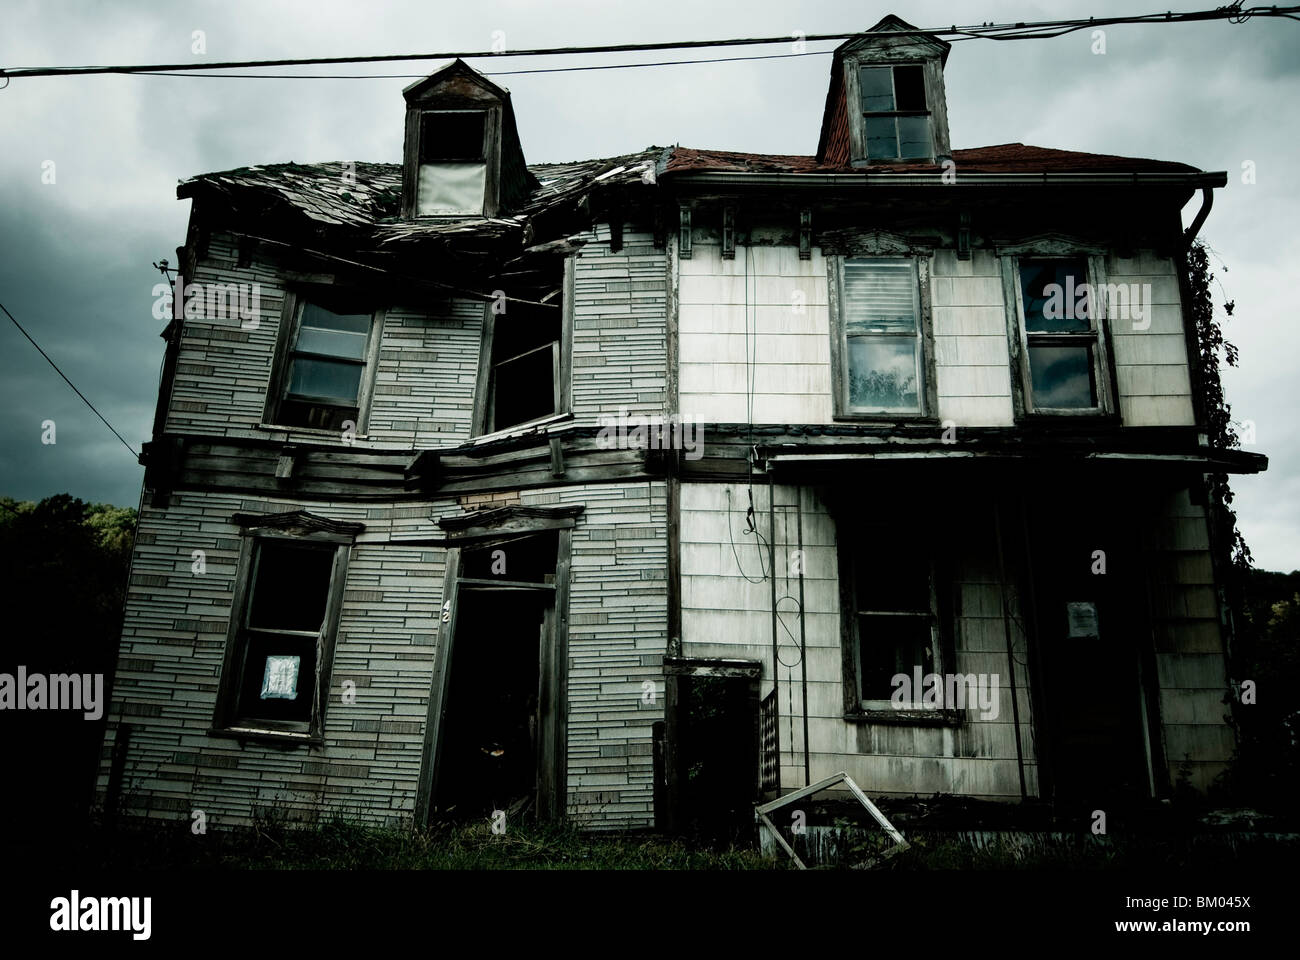 Une maison délabrée et abandonnée en Pennsylvanie, USA. Photo Stock